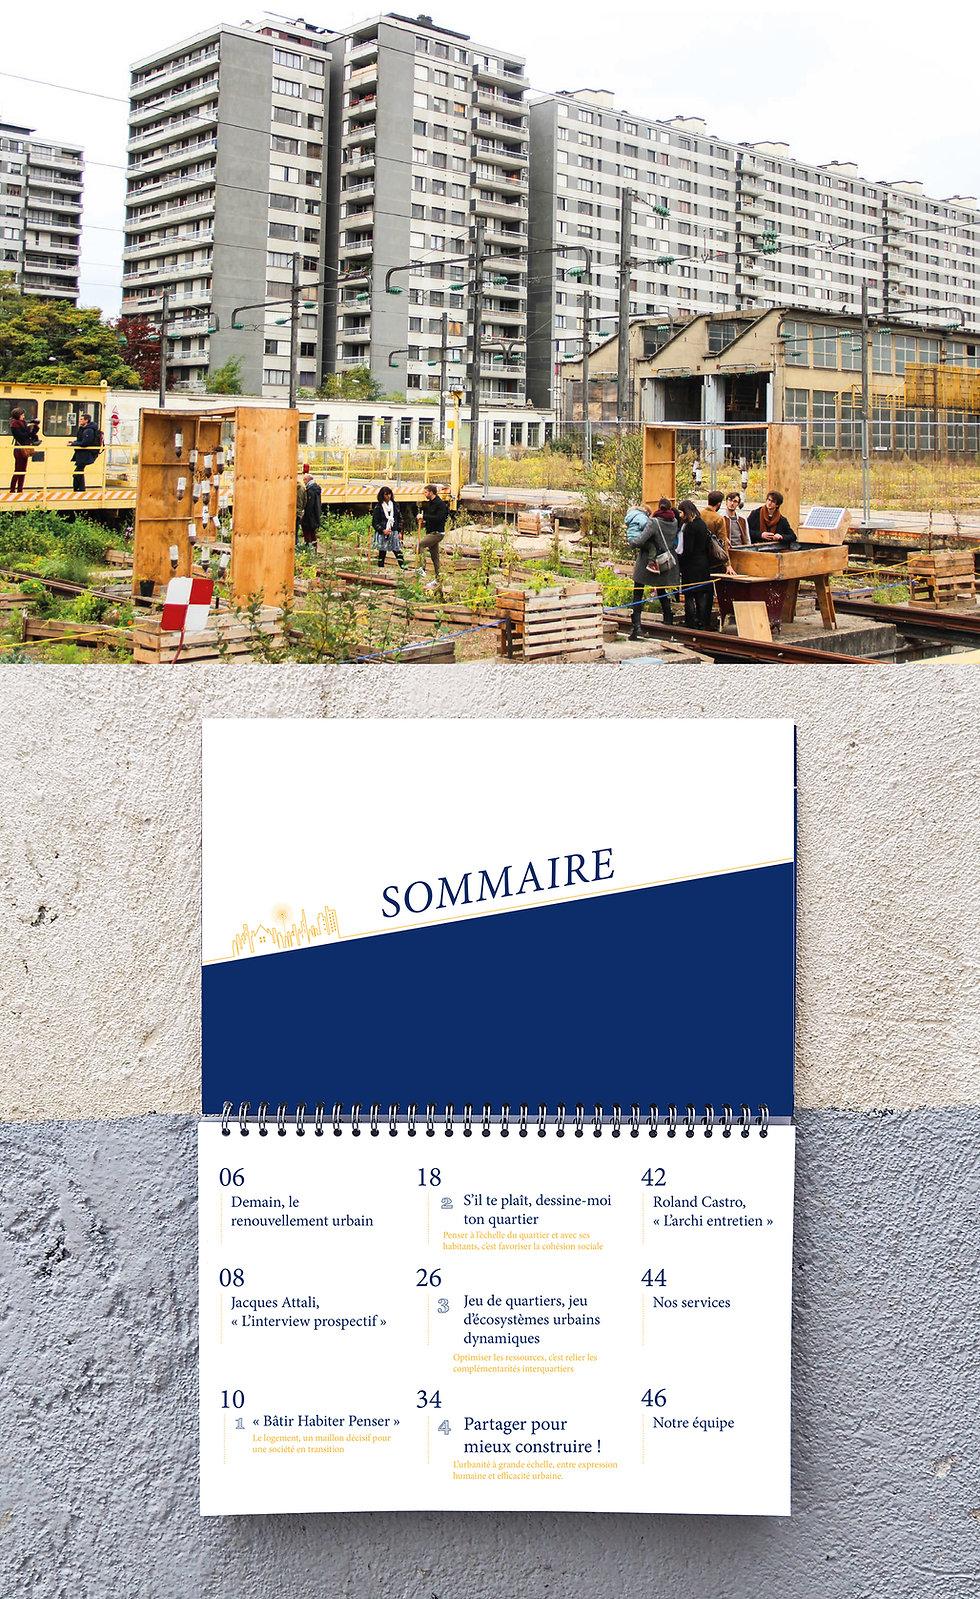 prospective, tendances, urbanisme, architecture, contenu, enjeux, cahiers de tendances, graphisme